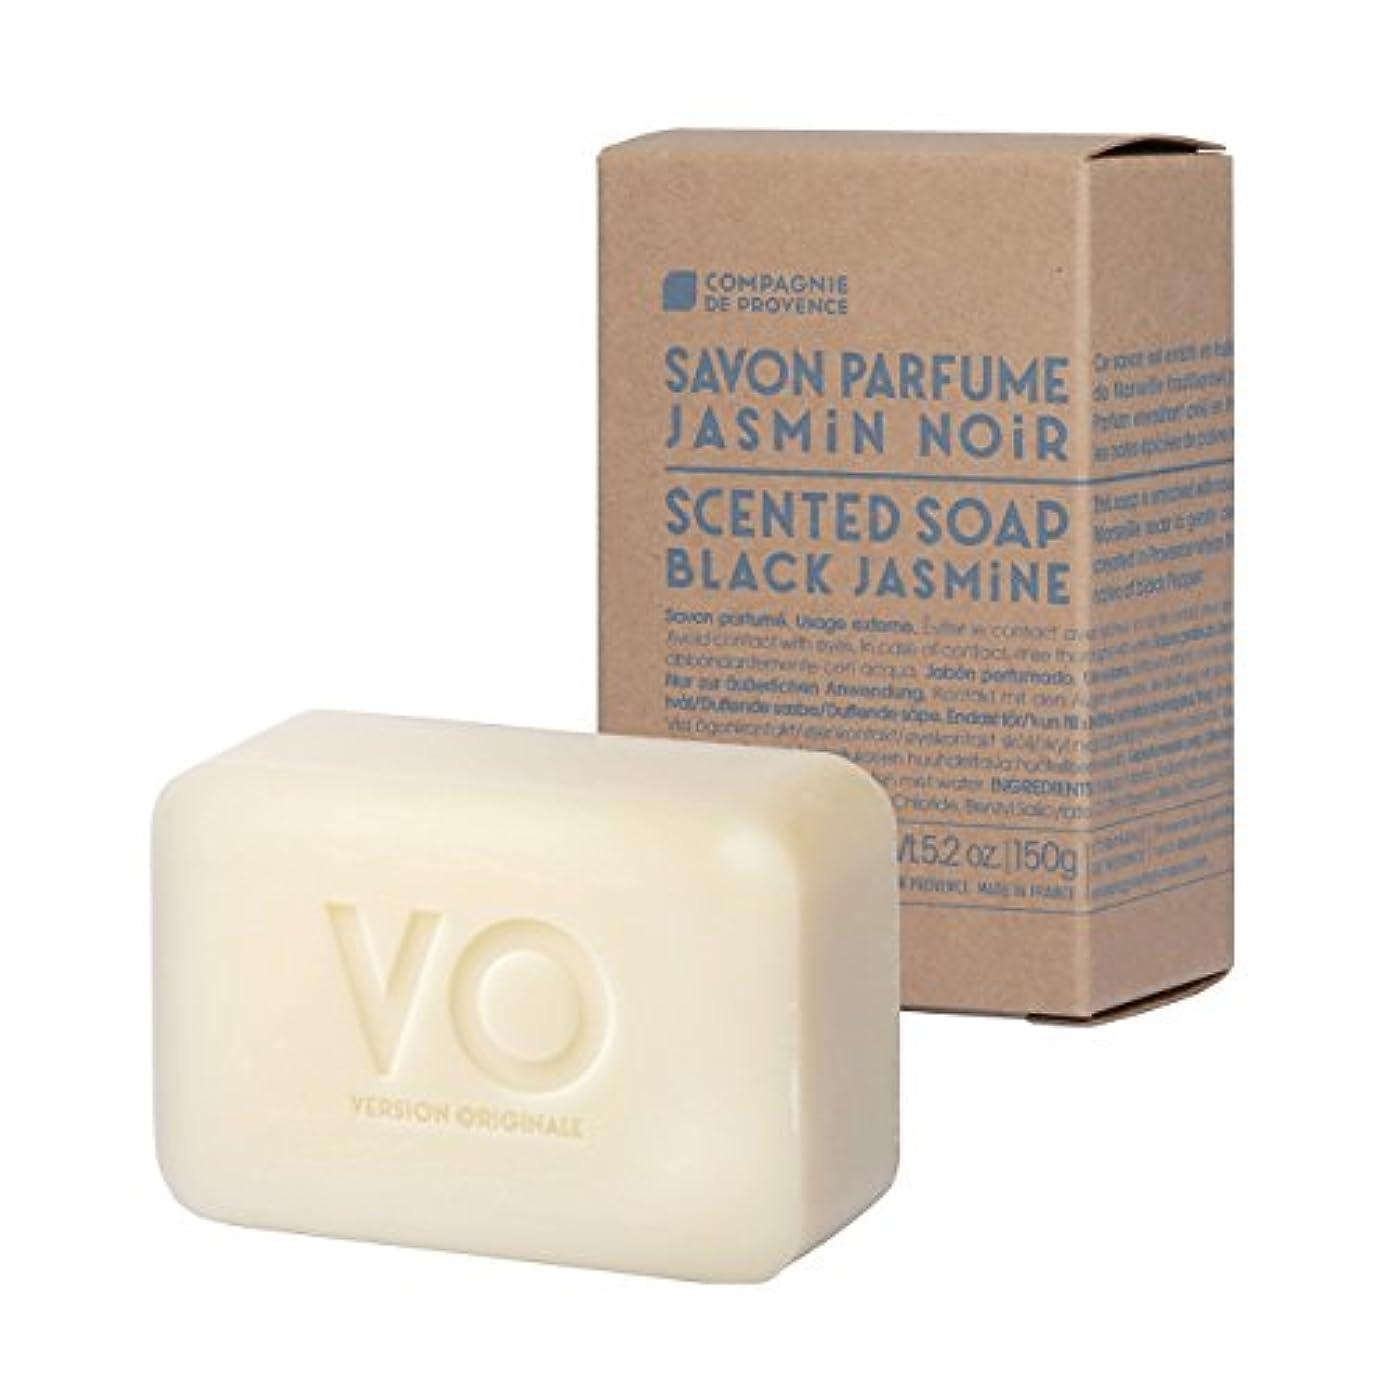 収まるホット始めるカンパニードプロバンス バージョンオリジナル センティッドソープ ブラックジャスミン(すっきりとした中にも甘さがある香り) 150g